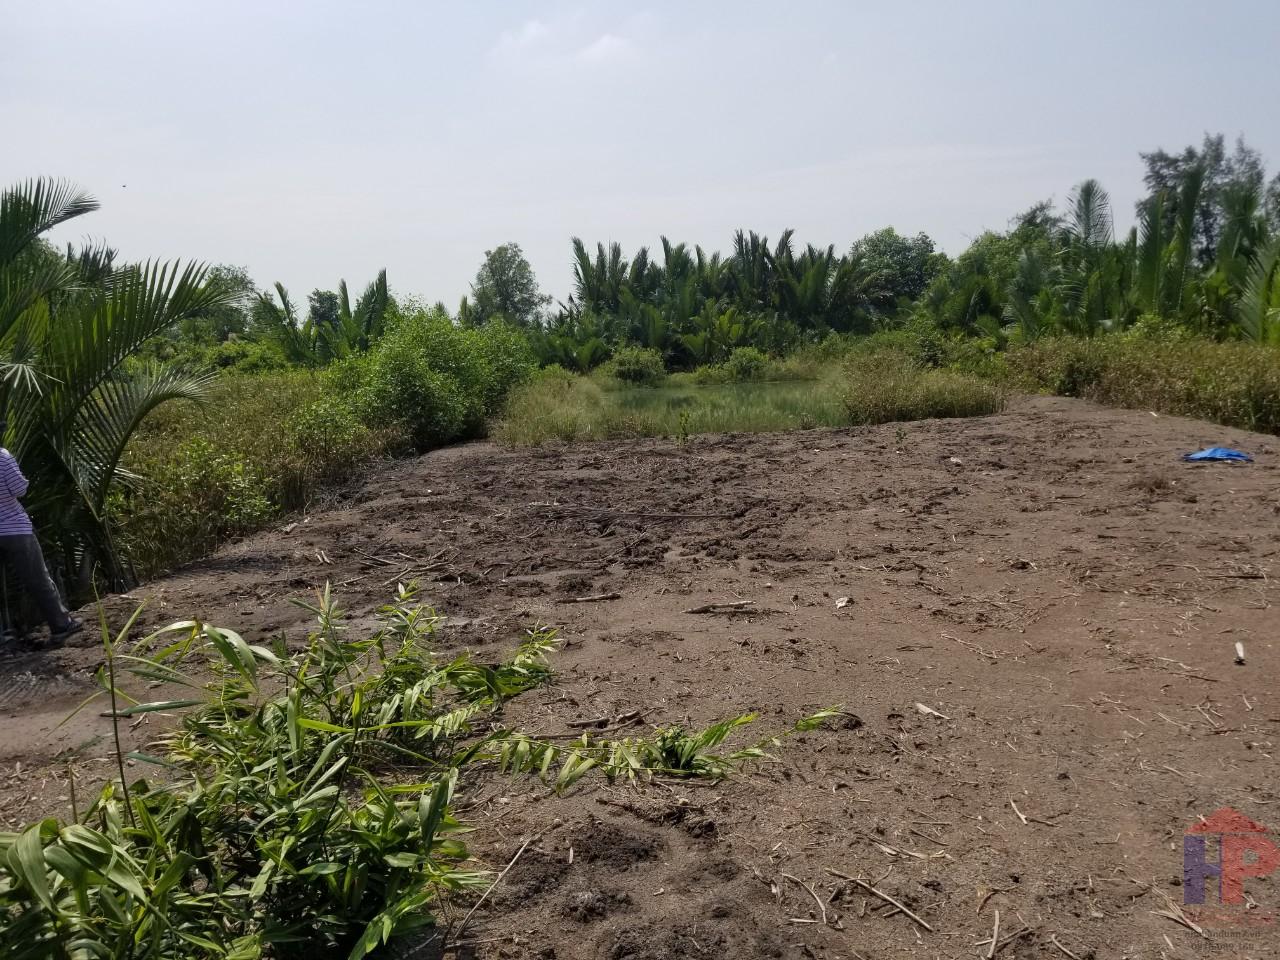 Bán đất mặt tiền đường nhánh xe hơi tam thôn hiệp cần giờ DT 573,3 m2 Giá 2.6 tỷ LH 0909477288